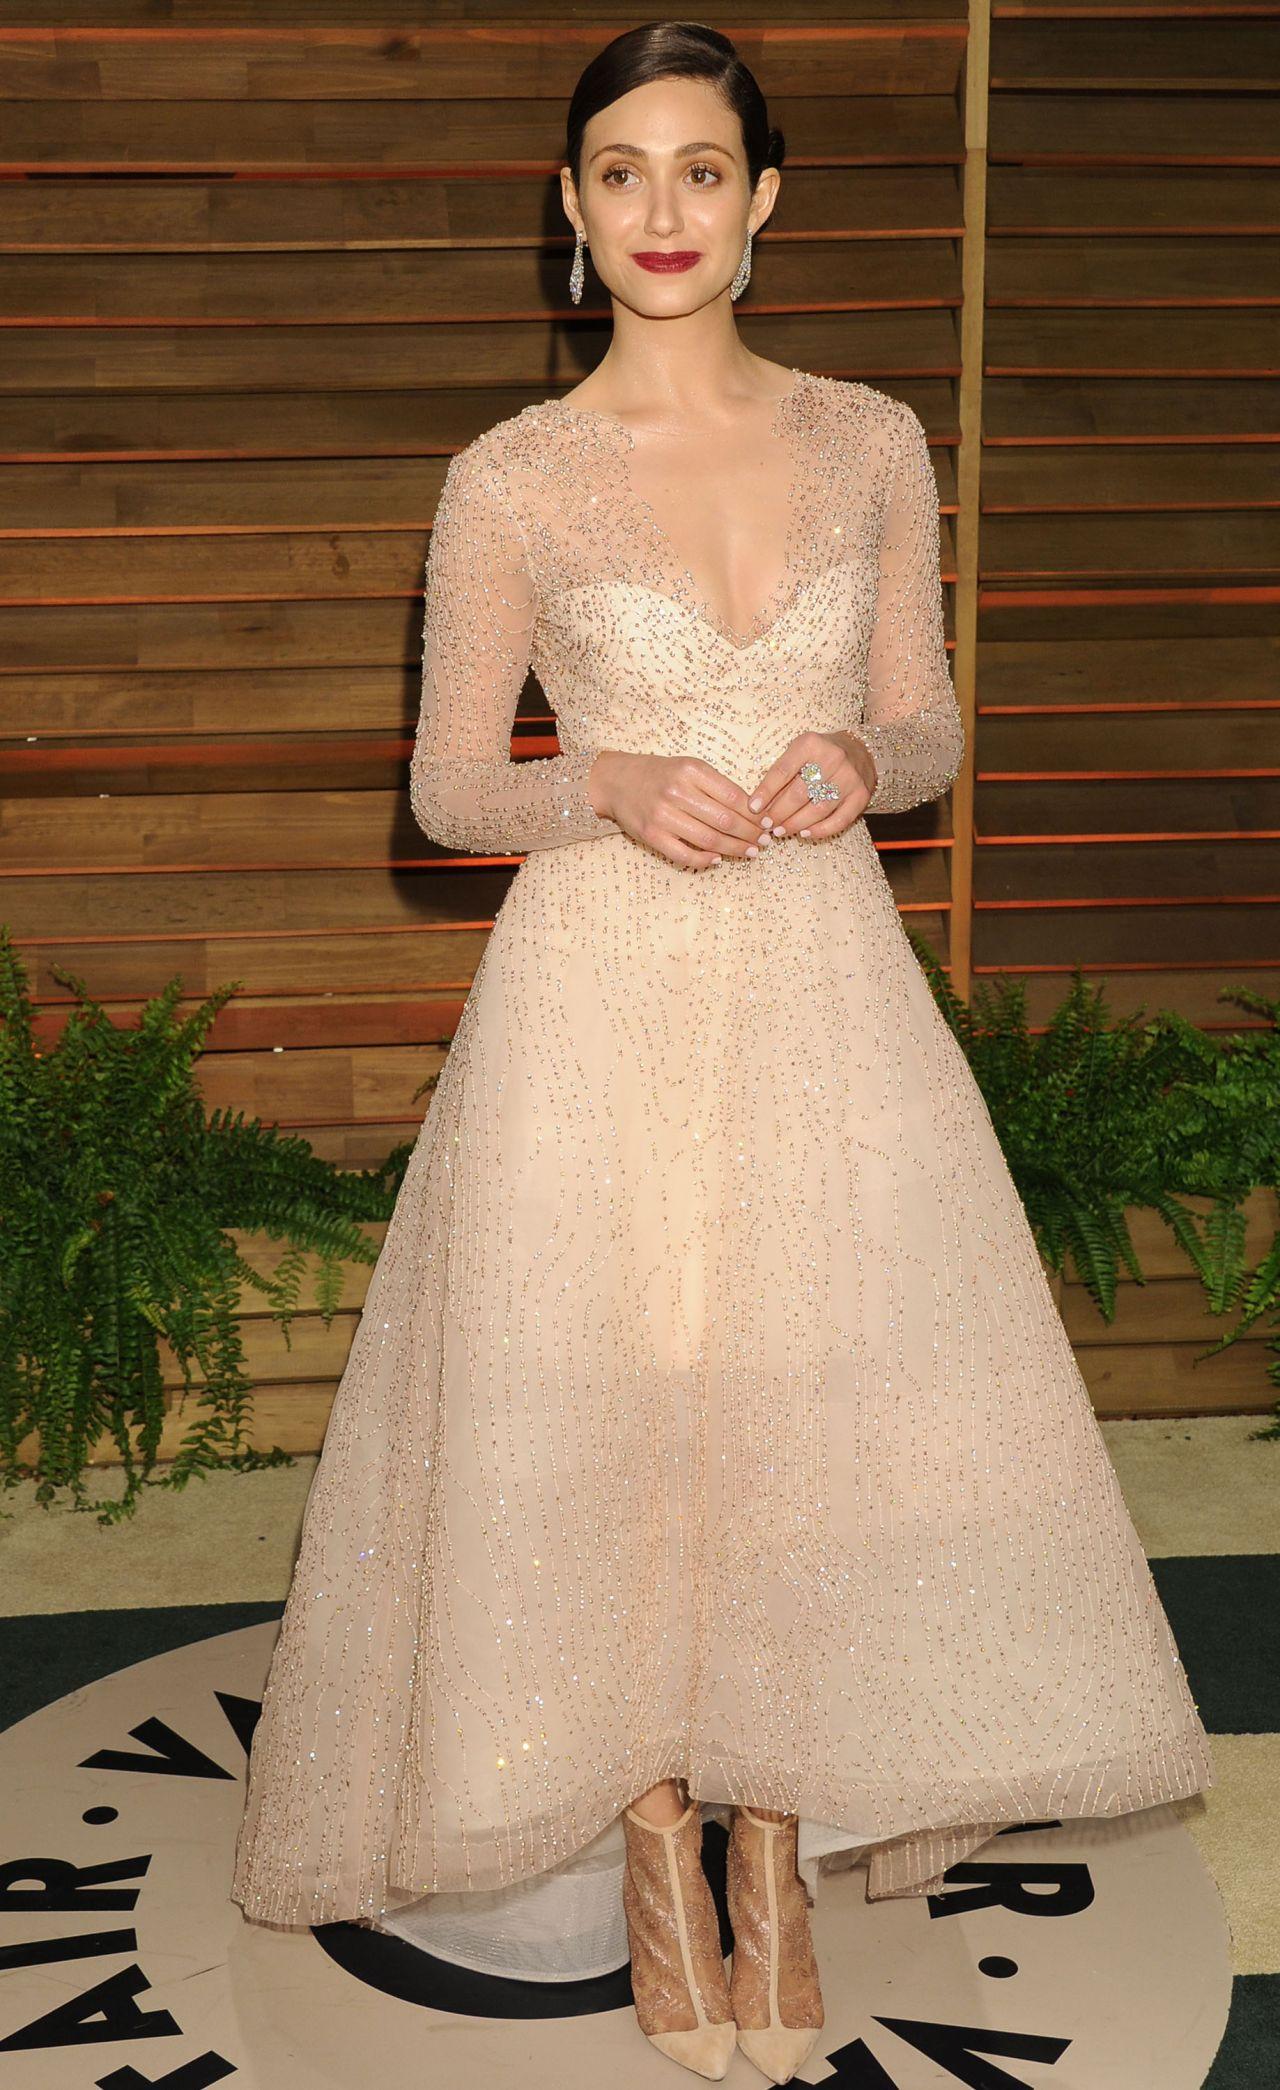 Emmy Rossum Wearing Monique Lhuillier Dress - 2014 Vanity Fair ...